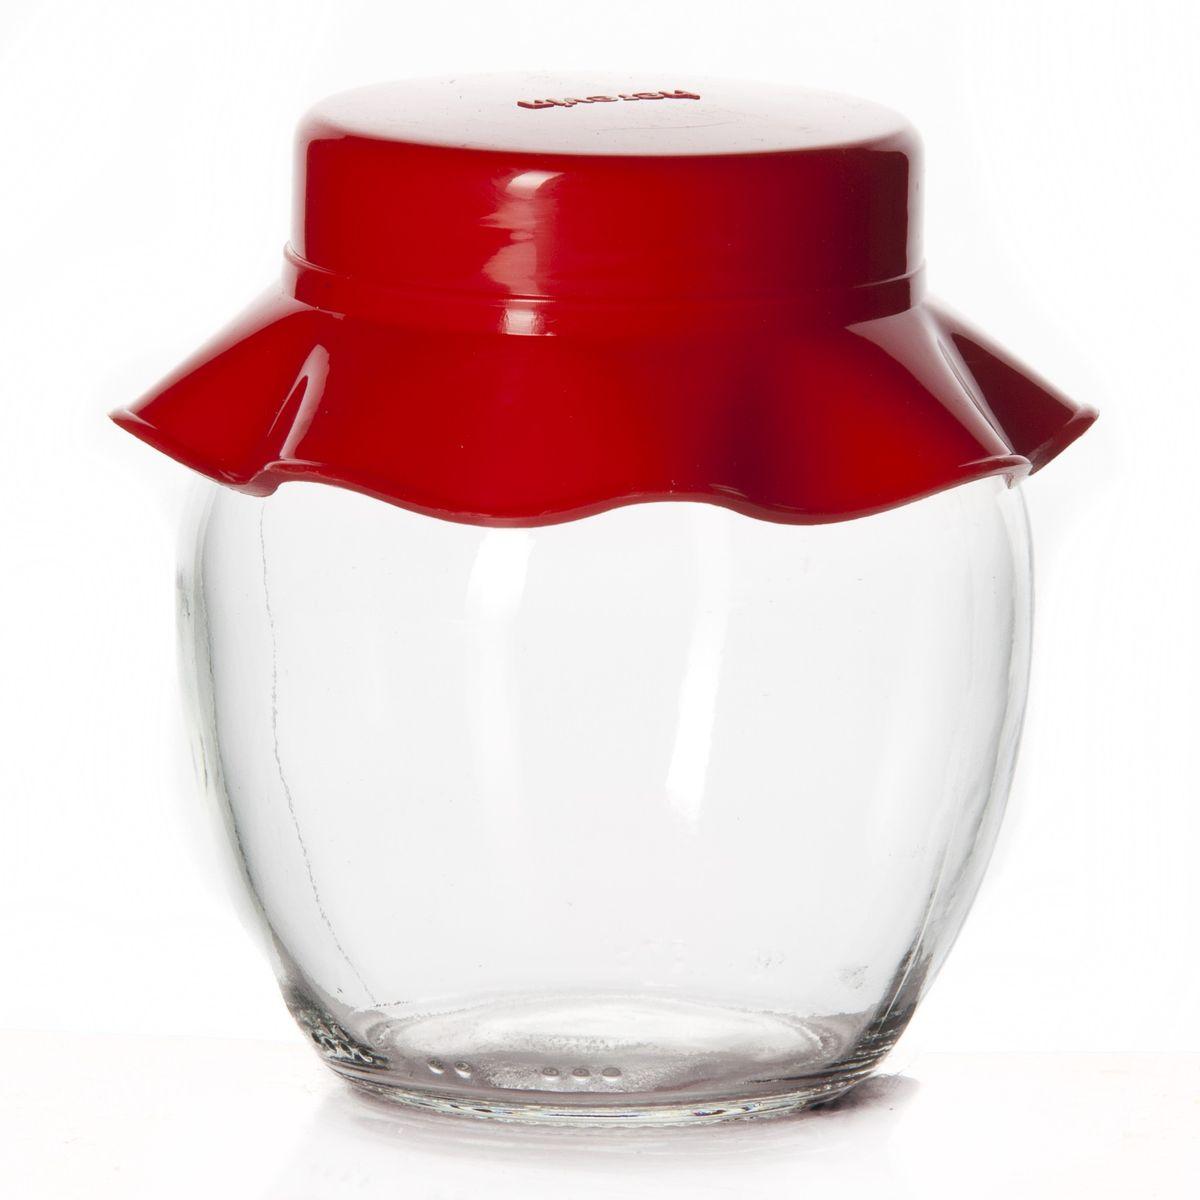 """Банка для хранения """"Herevin"""" выполнена из прозрачного стекла и  оснащена пластиковой цветной крышкой.  Крышка легко откручивается, благодаря чему засыпать приправу или налить варенье внутрь очень  просто.  Такая баночка станет достойным дополнением к вашему кухонному инвентарю.   Можно мыть в посудомоечной машине.  Объем: 370 мл. Диаметр (по верхнему краю): 5,5 см. Высота банки (без учета крышки): 10 см."""